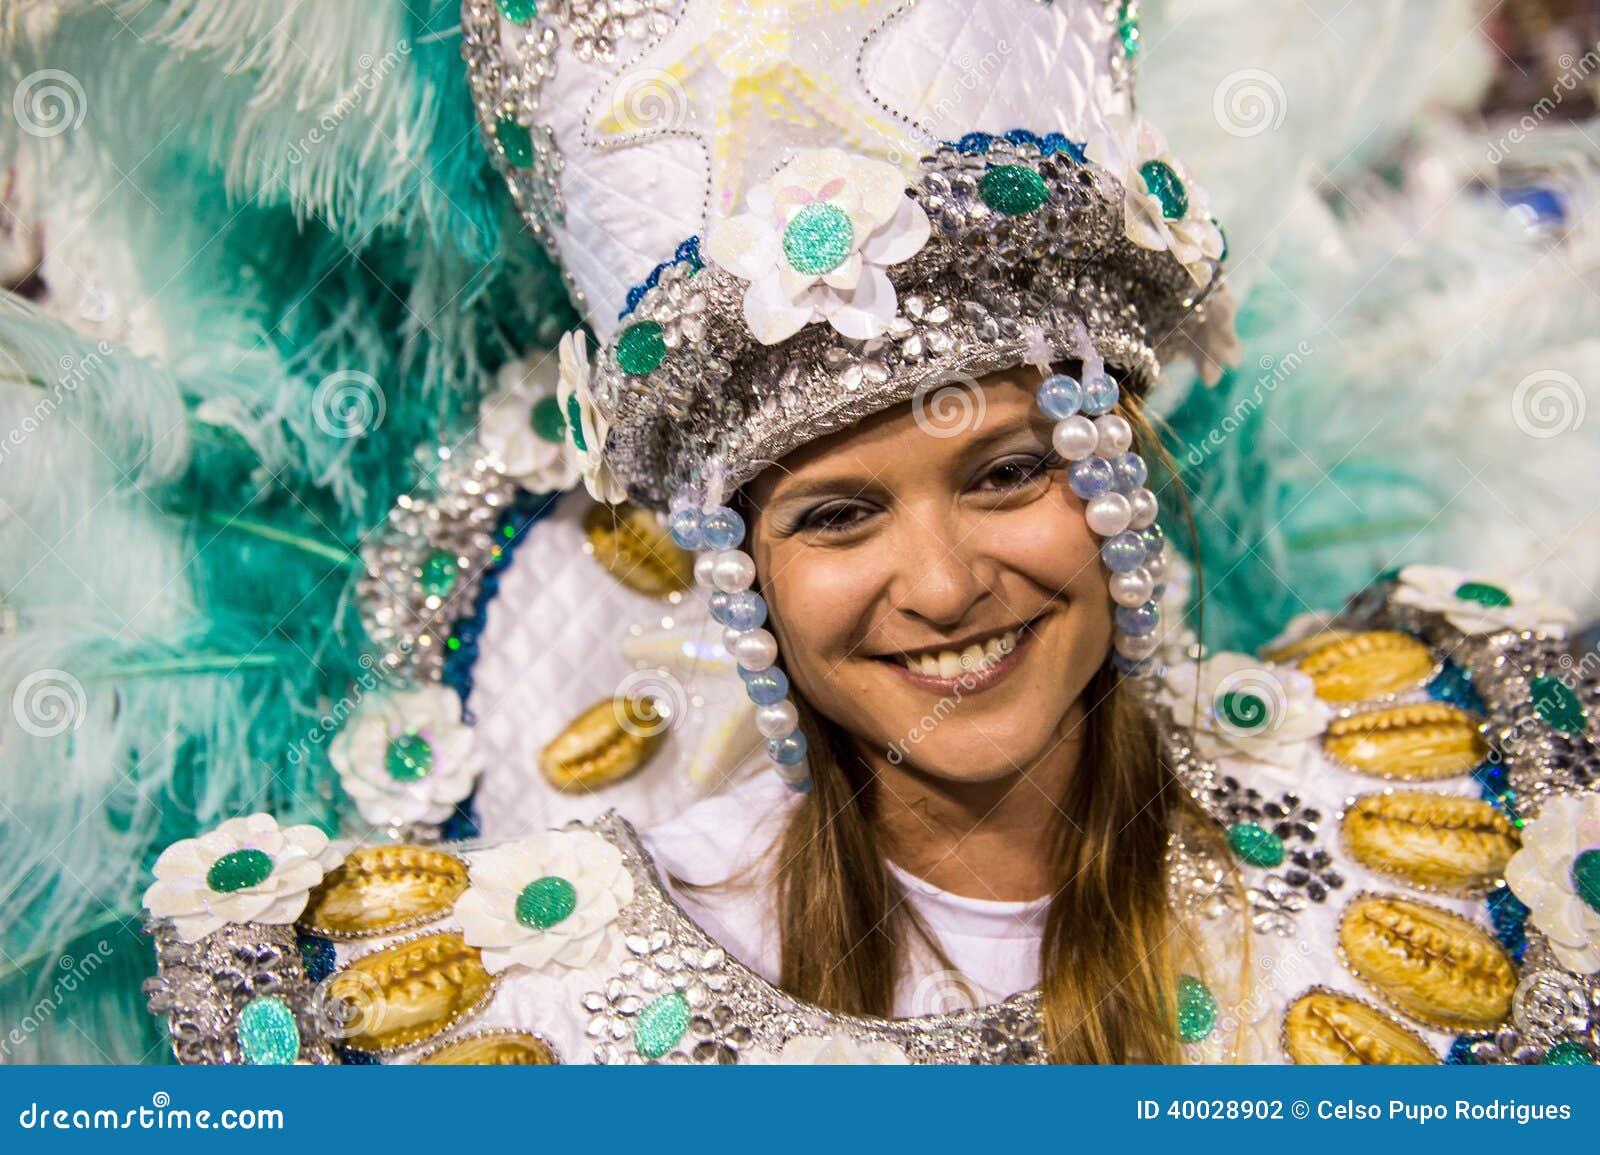 Carnevale 2014 - Rio de Janeiro